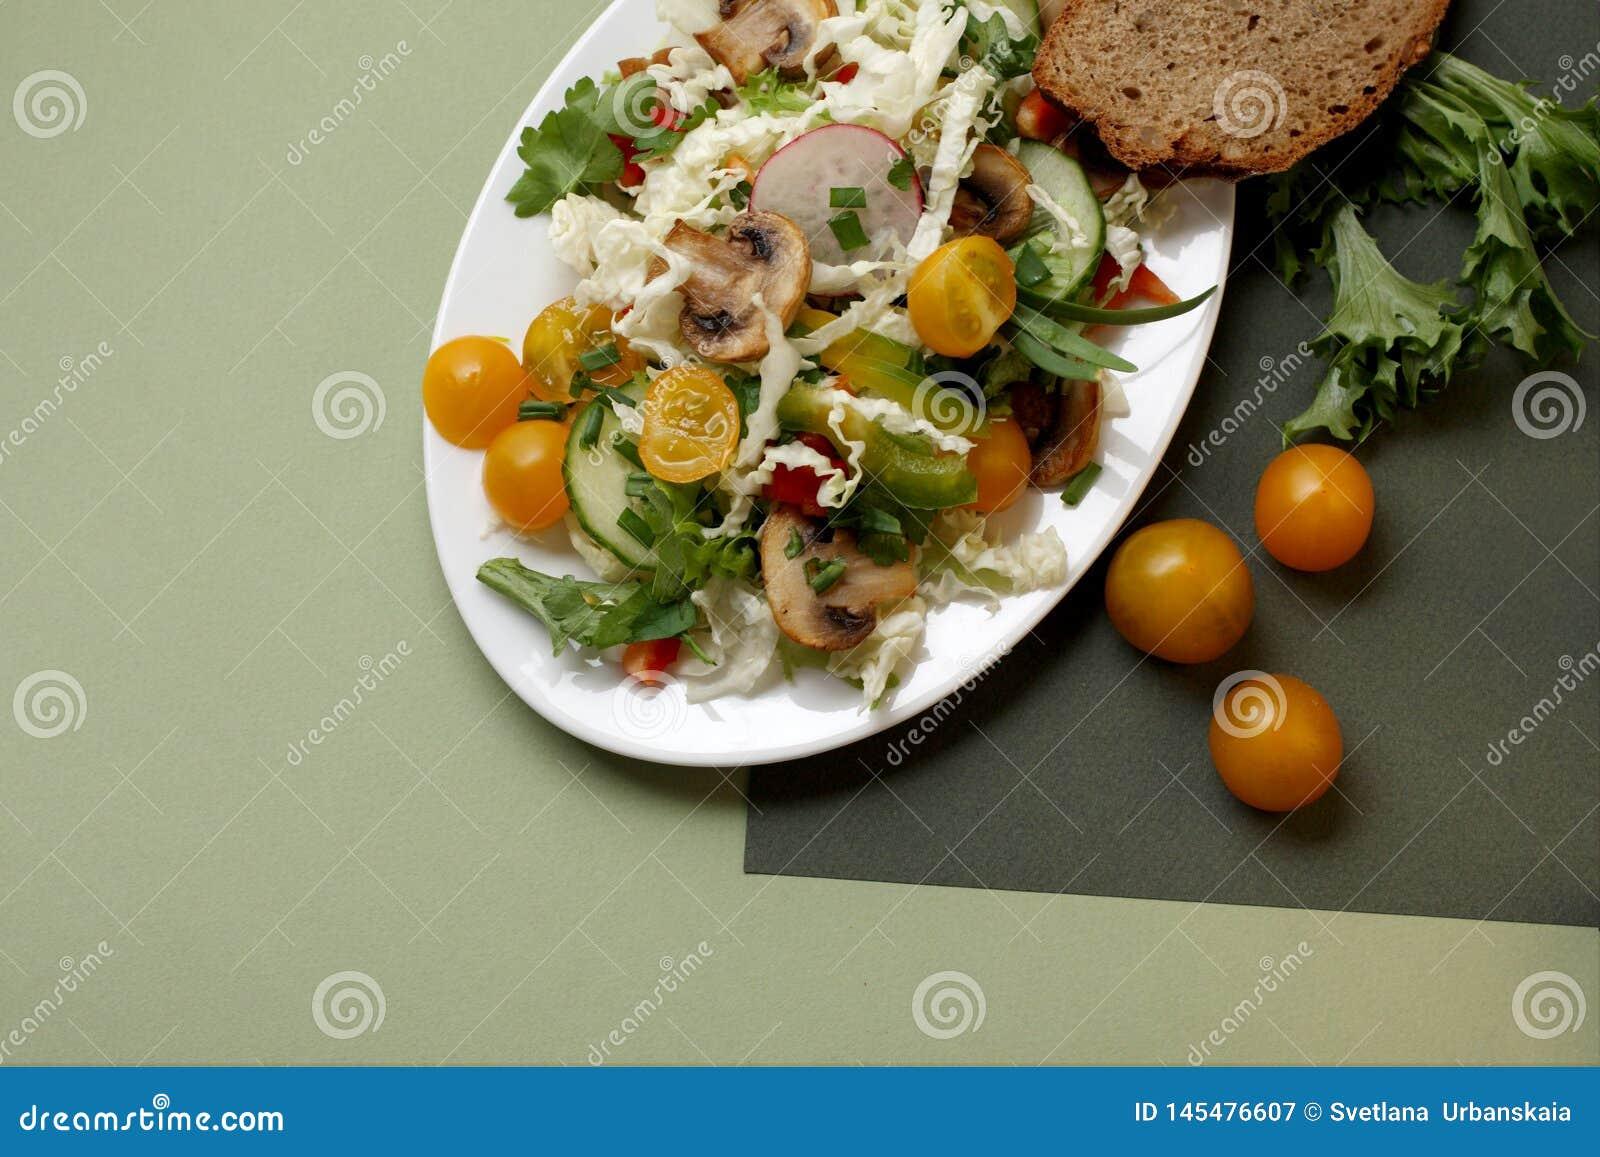 Un plat de salade avec des légumes, champignons